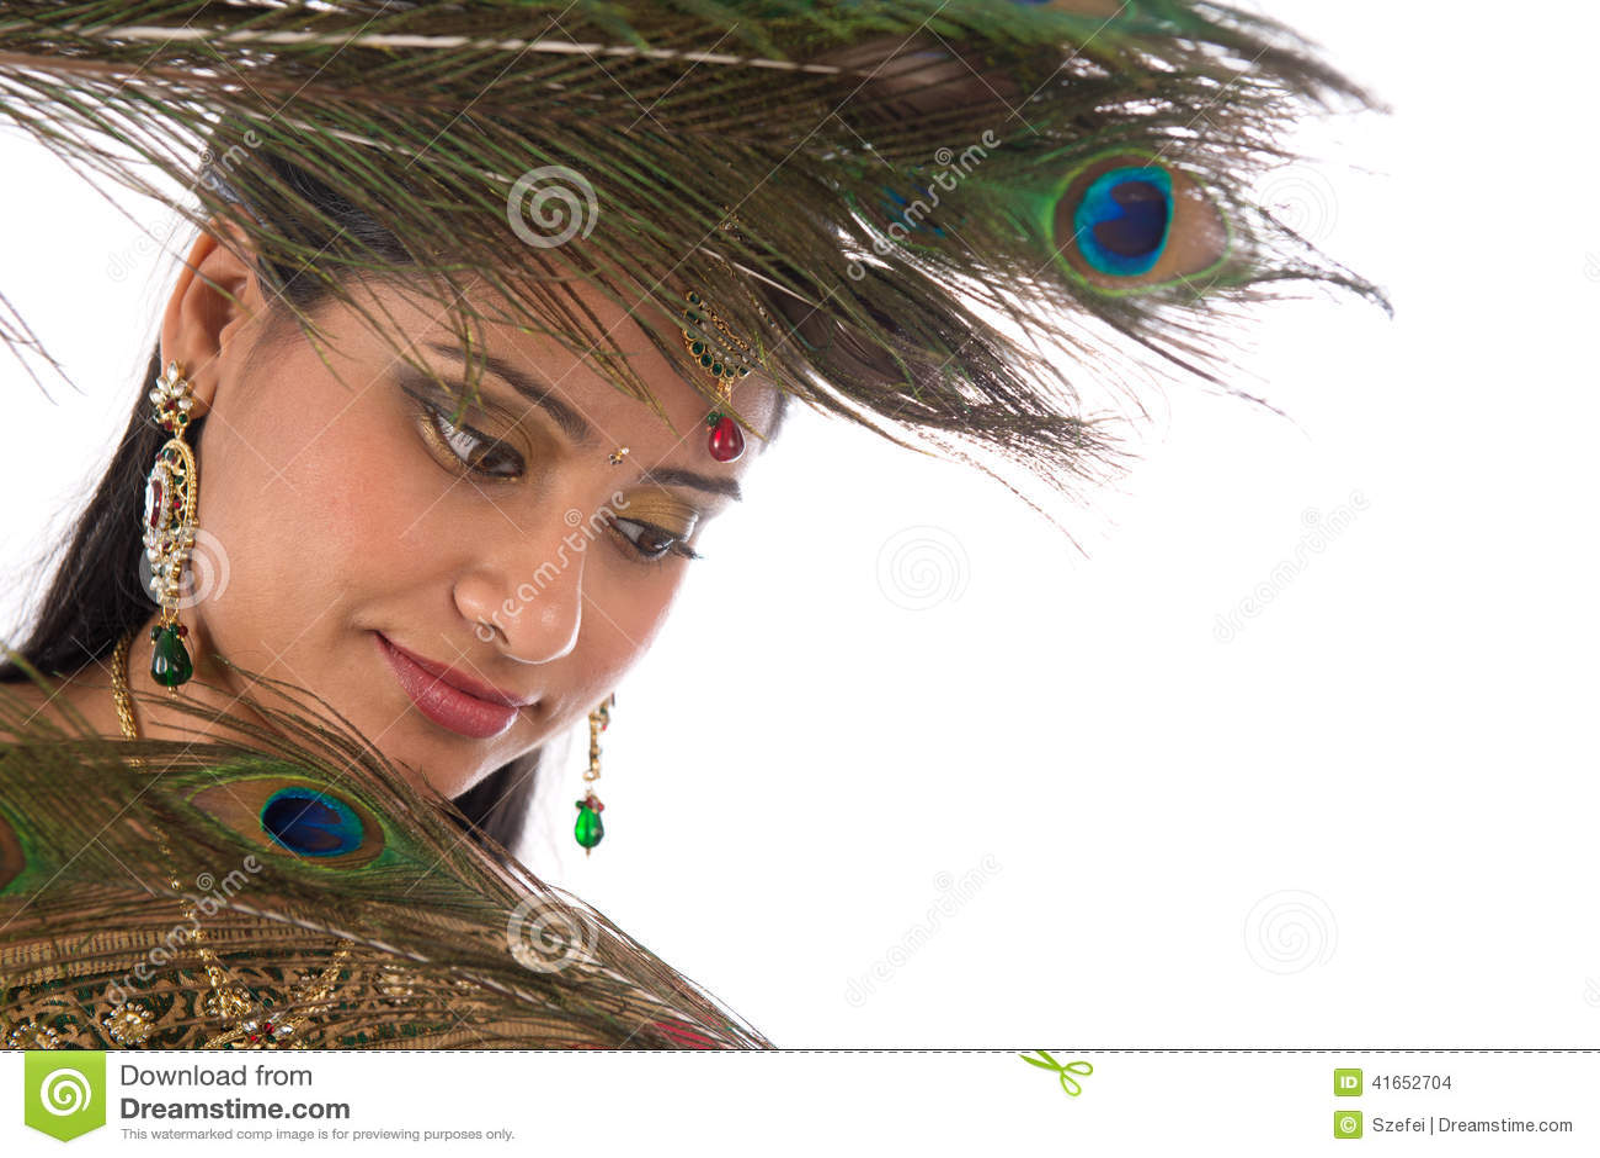 Индийская женщина с пер павлина